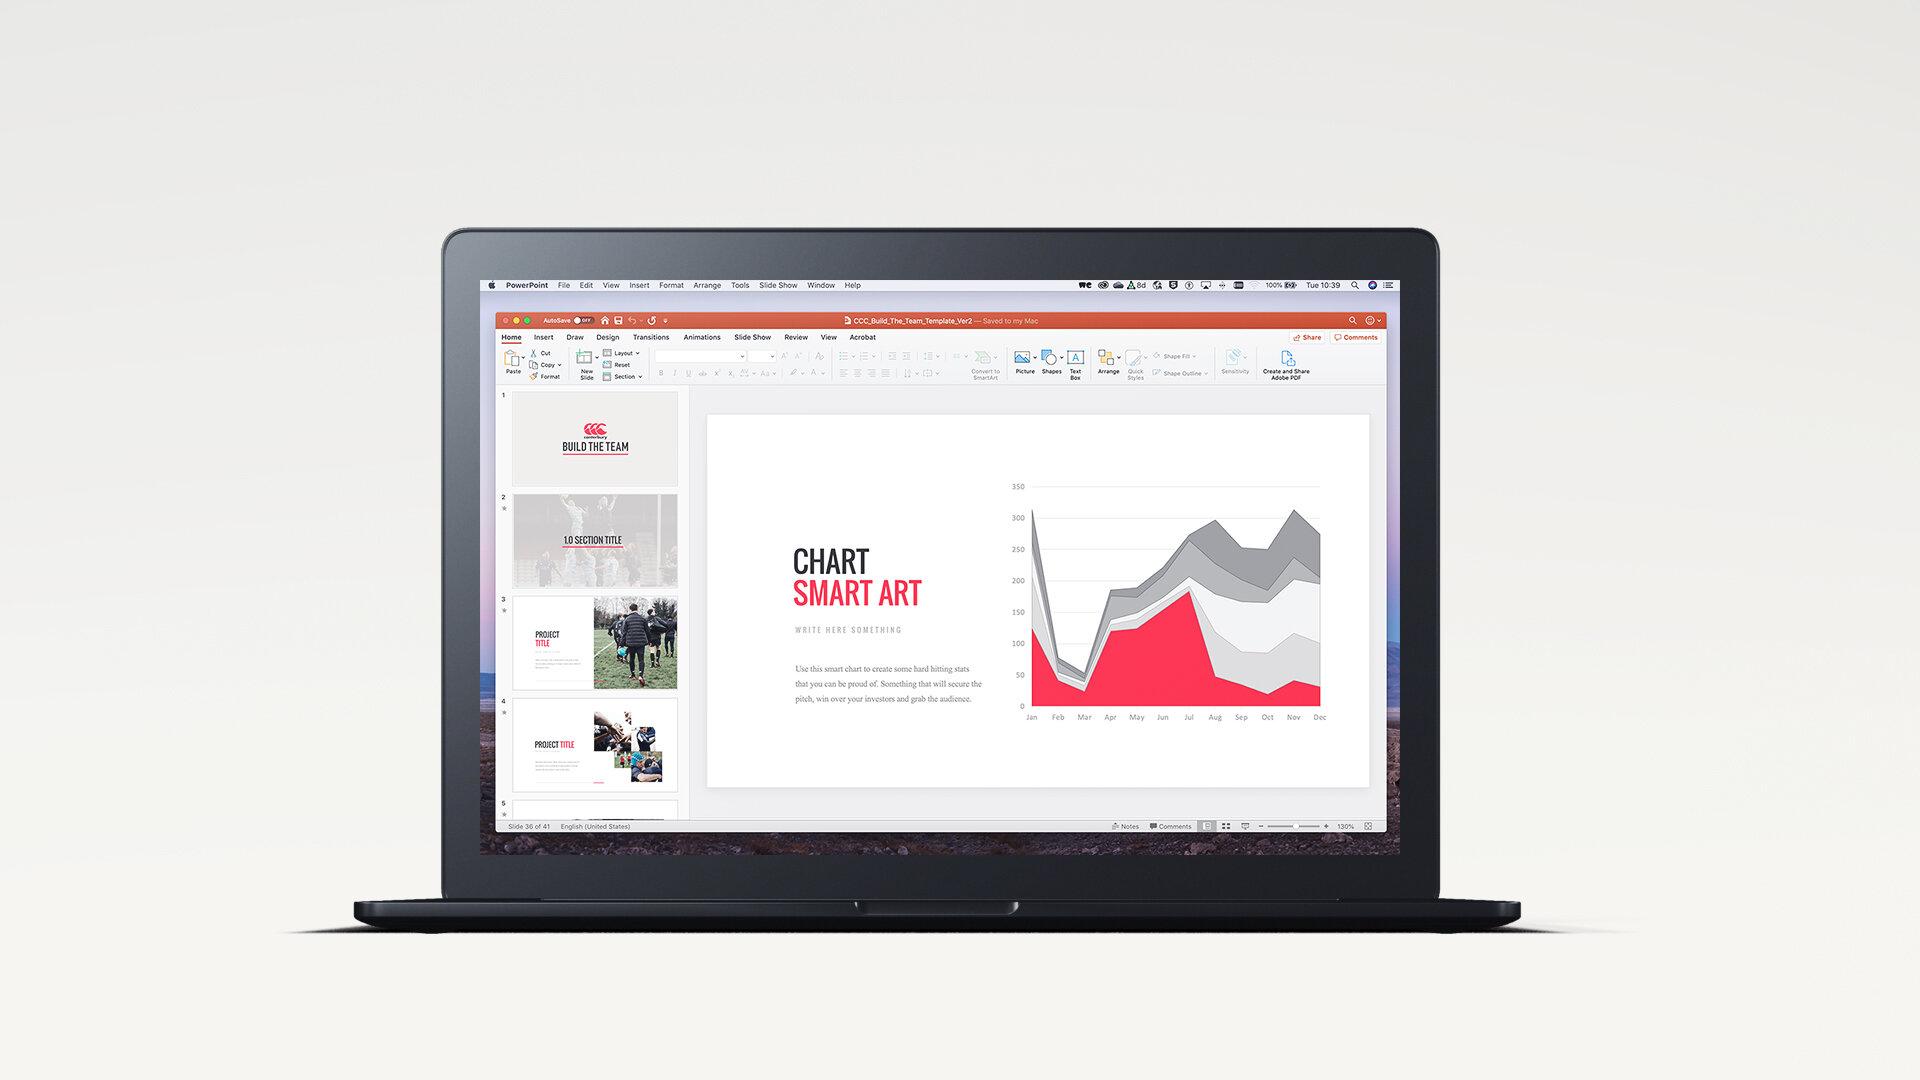 Powerpoint_Macbook_Mockup.jpg